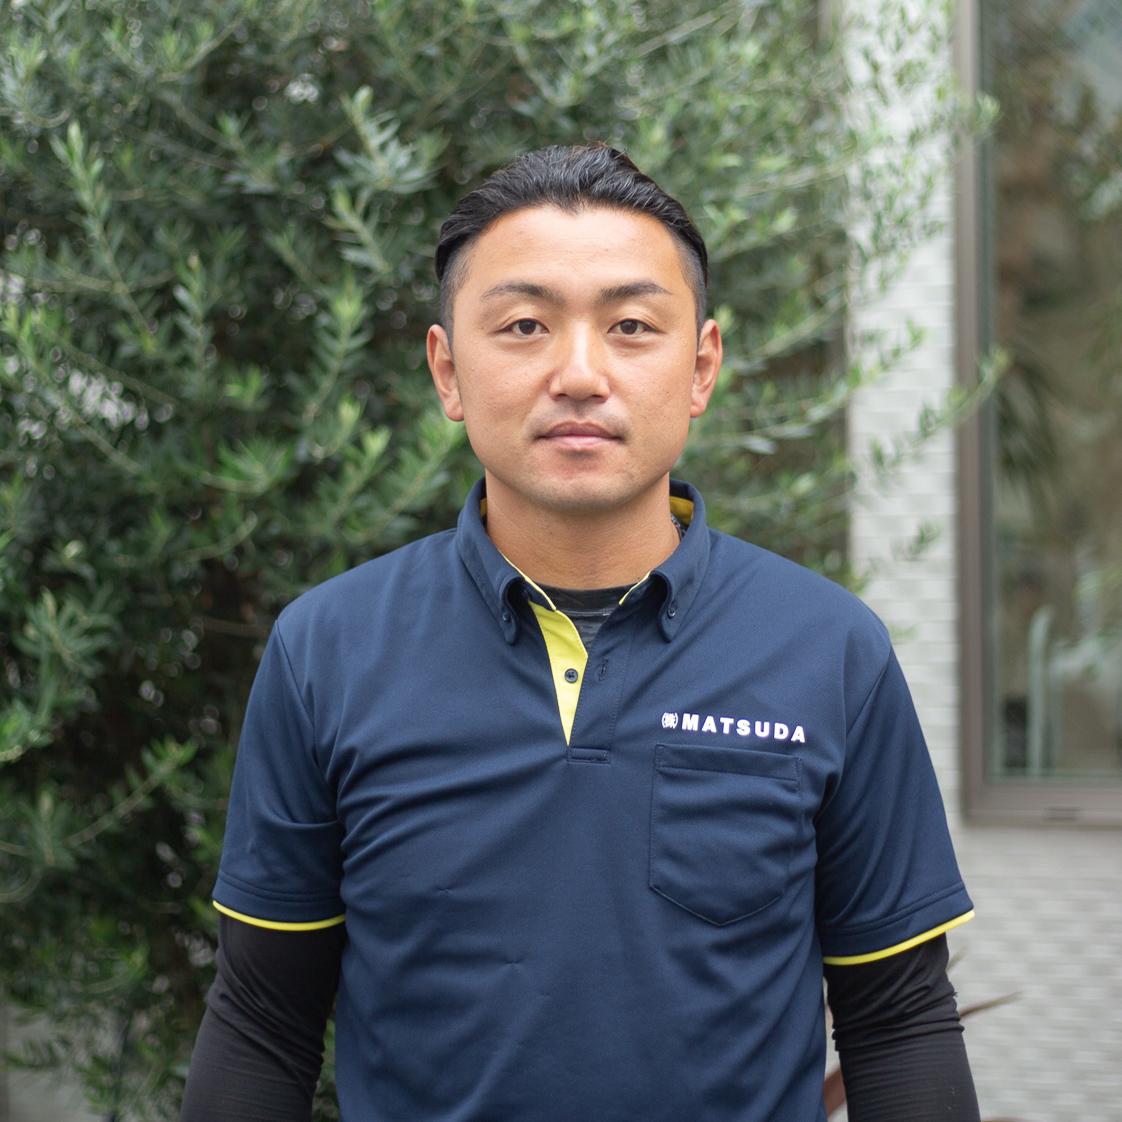 【株式会社MATSUDA】 松田 健一